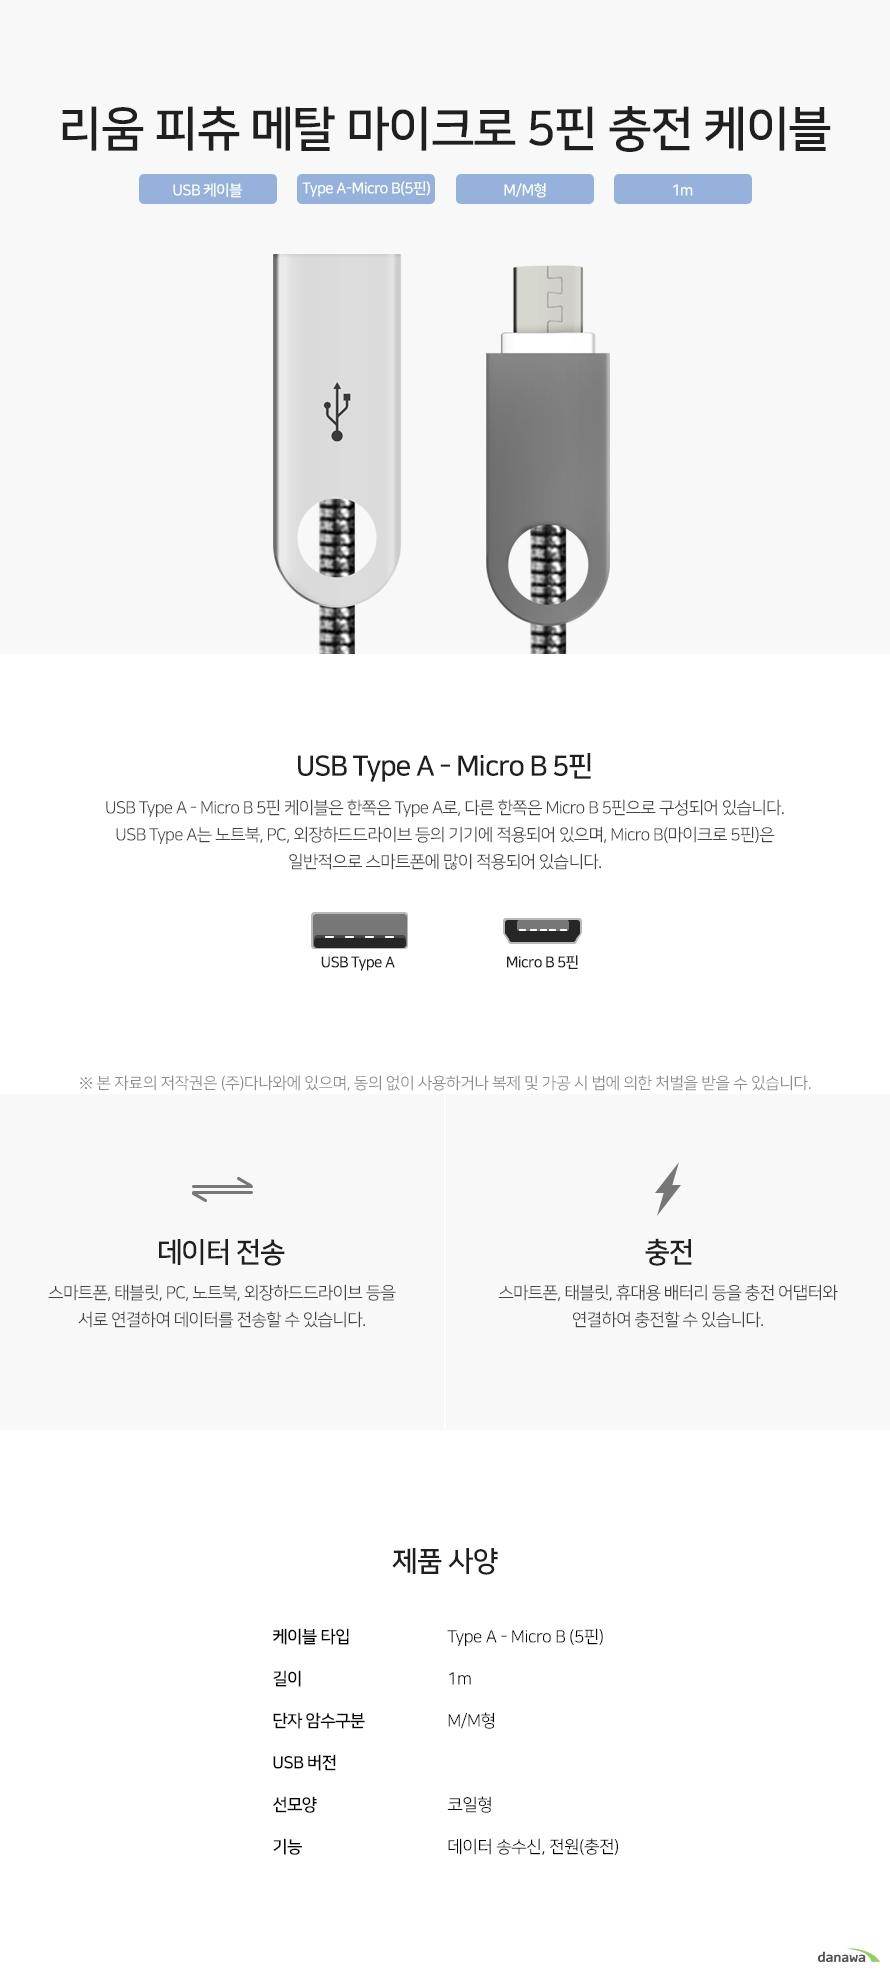 리움 피츄 메탈 마이크로 5핀 충전 케이블 USB Type A - Micro B 5핀 케이블은 한쪽은 Type A로, 다른 한쪽은 Micro B 5핀으로 구성되어 있습니다. USB Type A는 노트북, PC, 외장하드드라이브 등의 기기에 적용되어 있으며, Micro B(마이크로 5핀)은 일반적으로 스마트폰에 많이 적용되어 있습니다. 스마트폰, 태블릿, PC, 노트북, 외장하드드라이브 등을 서로 연결하여 데이터를 전송할 수 있습니다. 스마트폰, 태블릿, 휴대용 배터리 등을 충전 어댑터와 연결하여 충전할 수 있습니다.